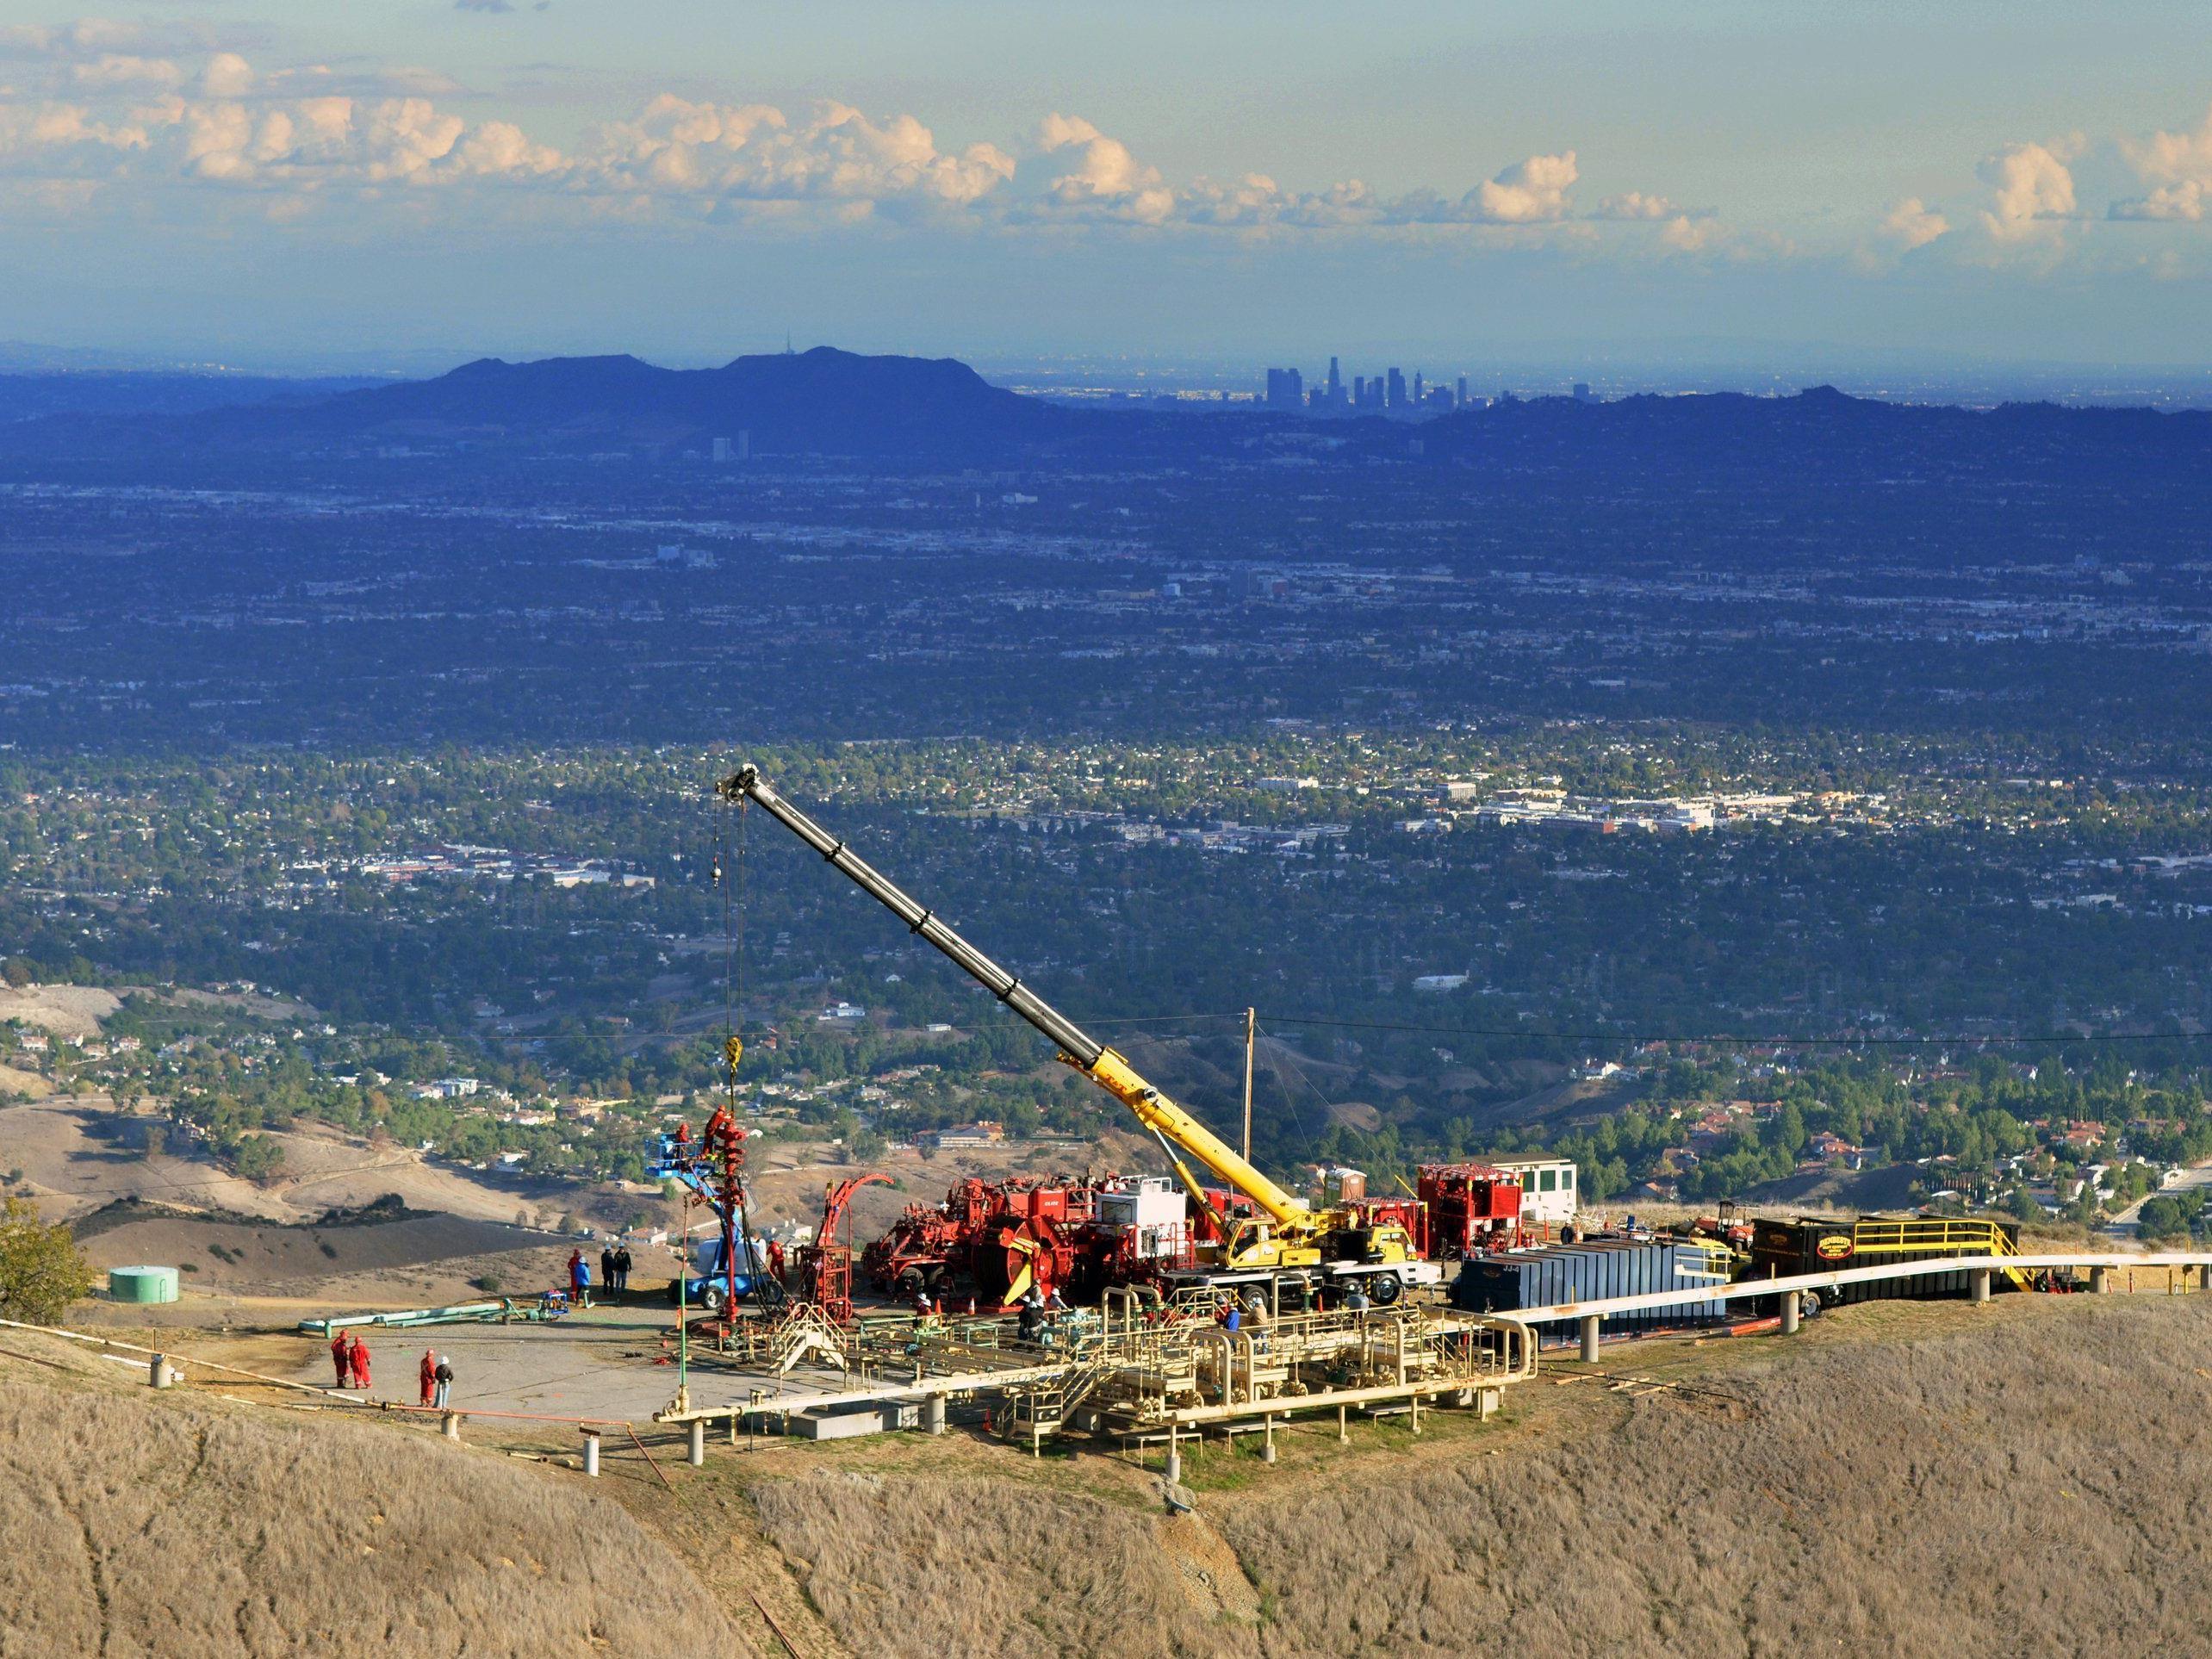 Arbeiter versuchen das Gasleck zu schließen - im Hintergrund die Skyline von Los Angeles.